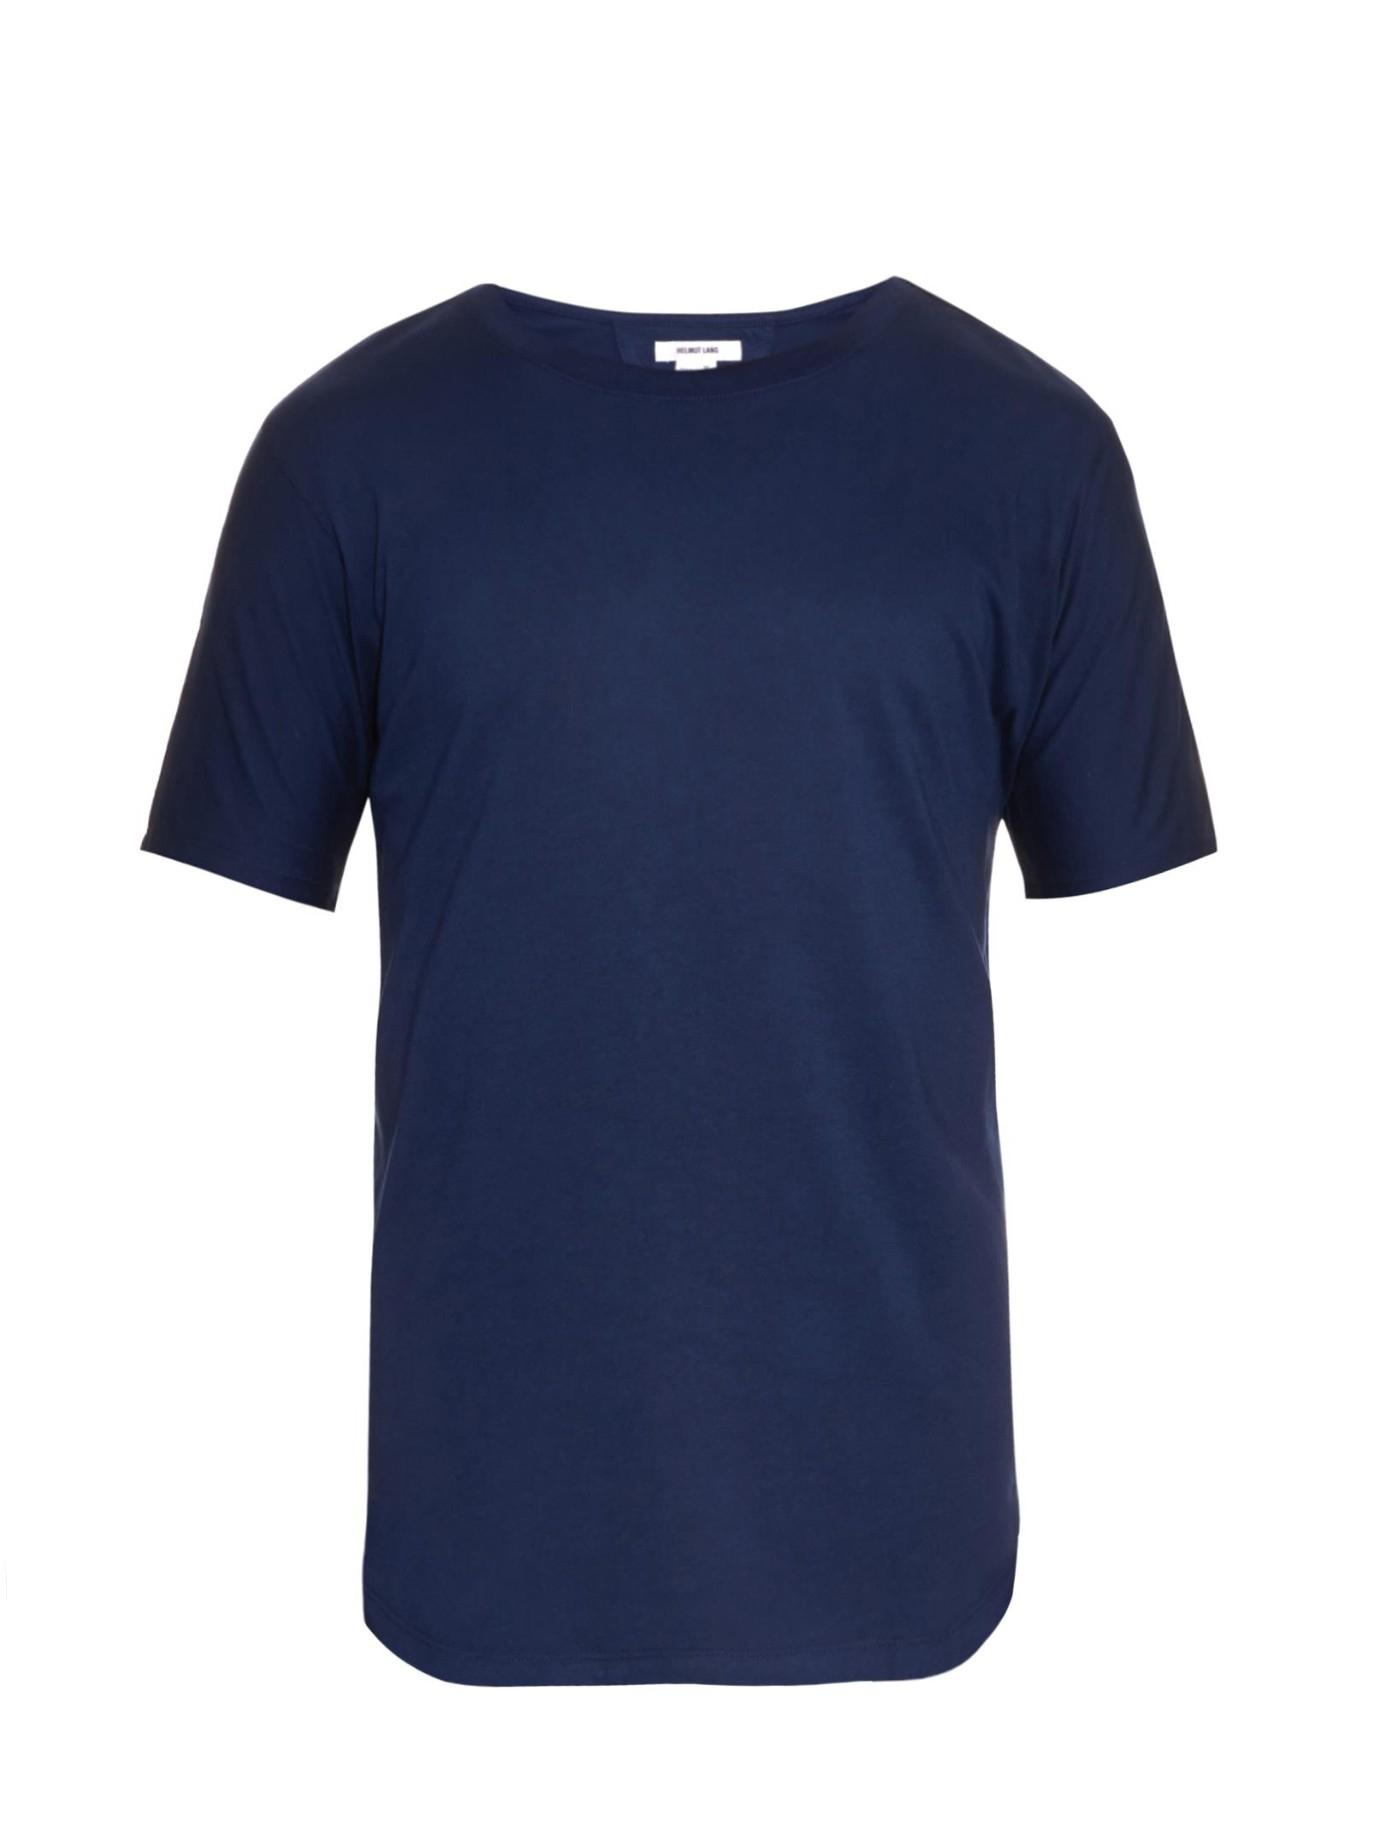 helmut lang crew neck jersey t shirt in blue for men lyst. Black Bedroom Furniture Sets. Home Design Ideas